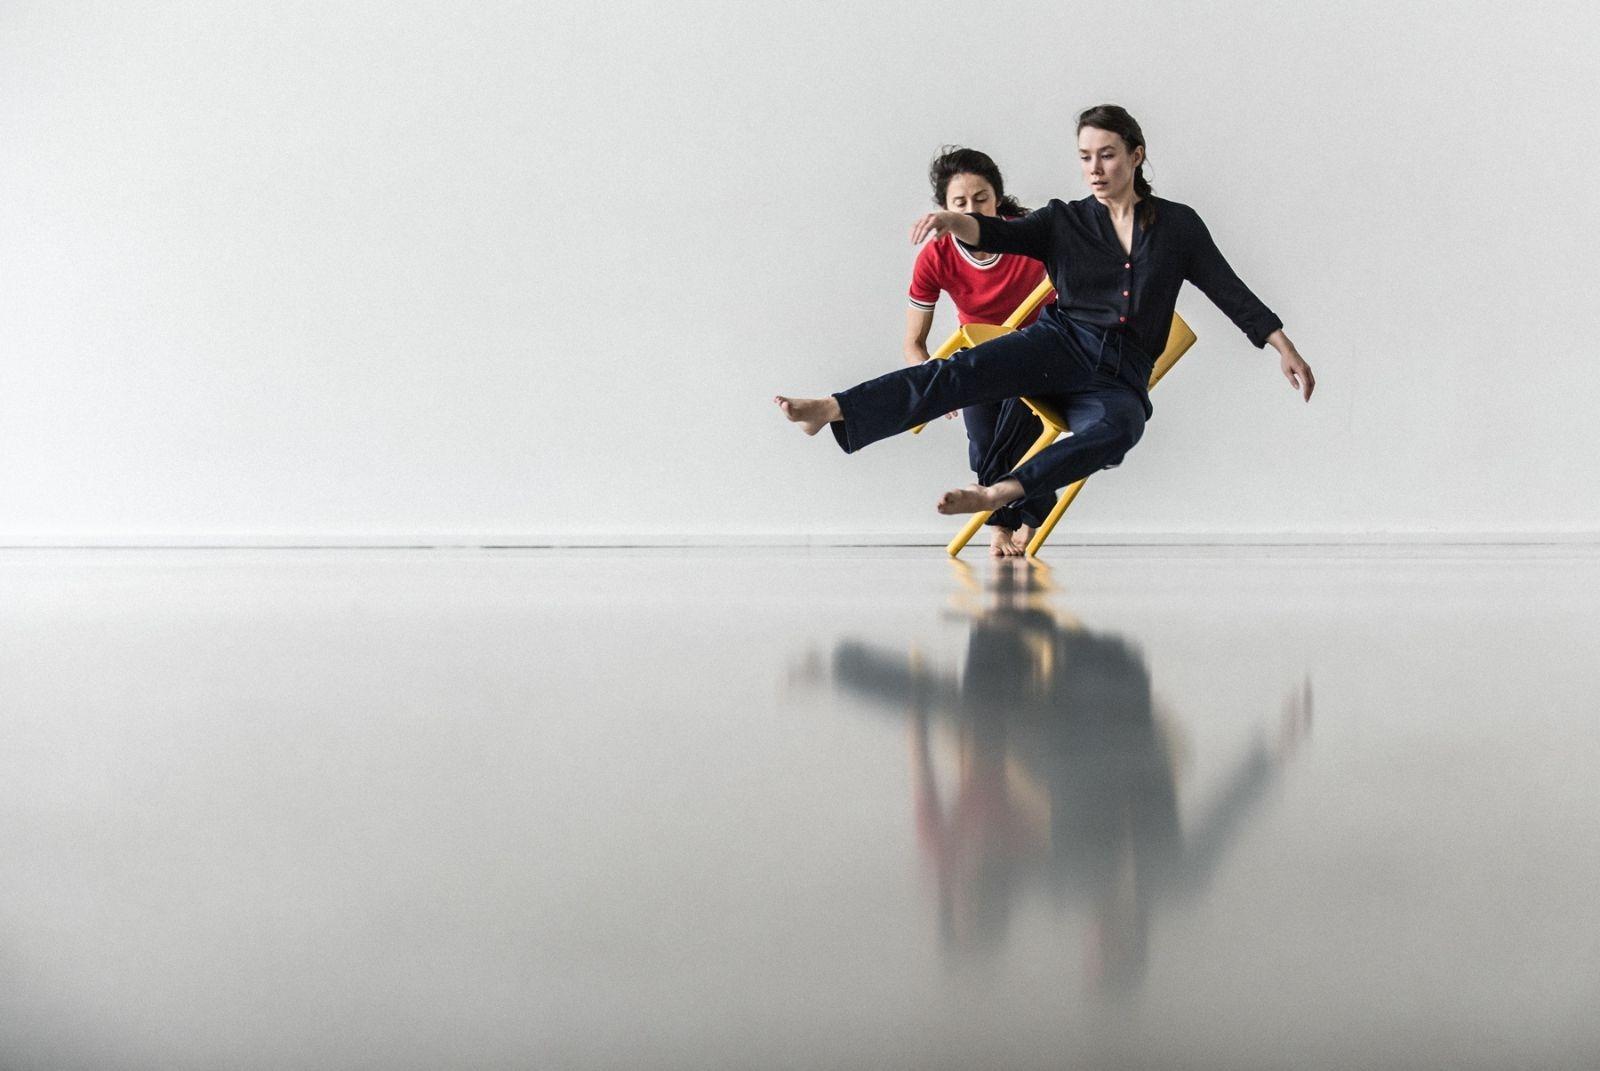 INIT-PROMO-01-Main-Image-featuring-Alessandra-Ruggeri-and-Ailish-Maher-by-Luca-Truffarelli